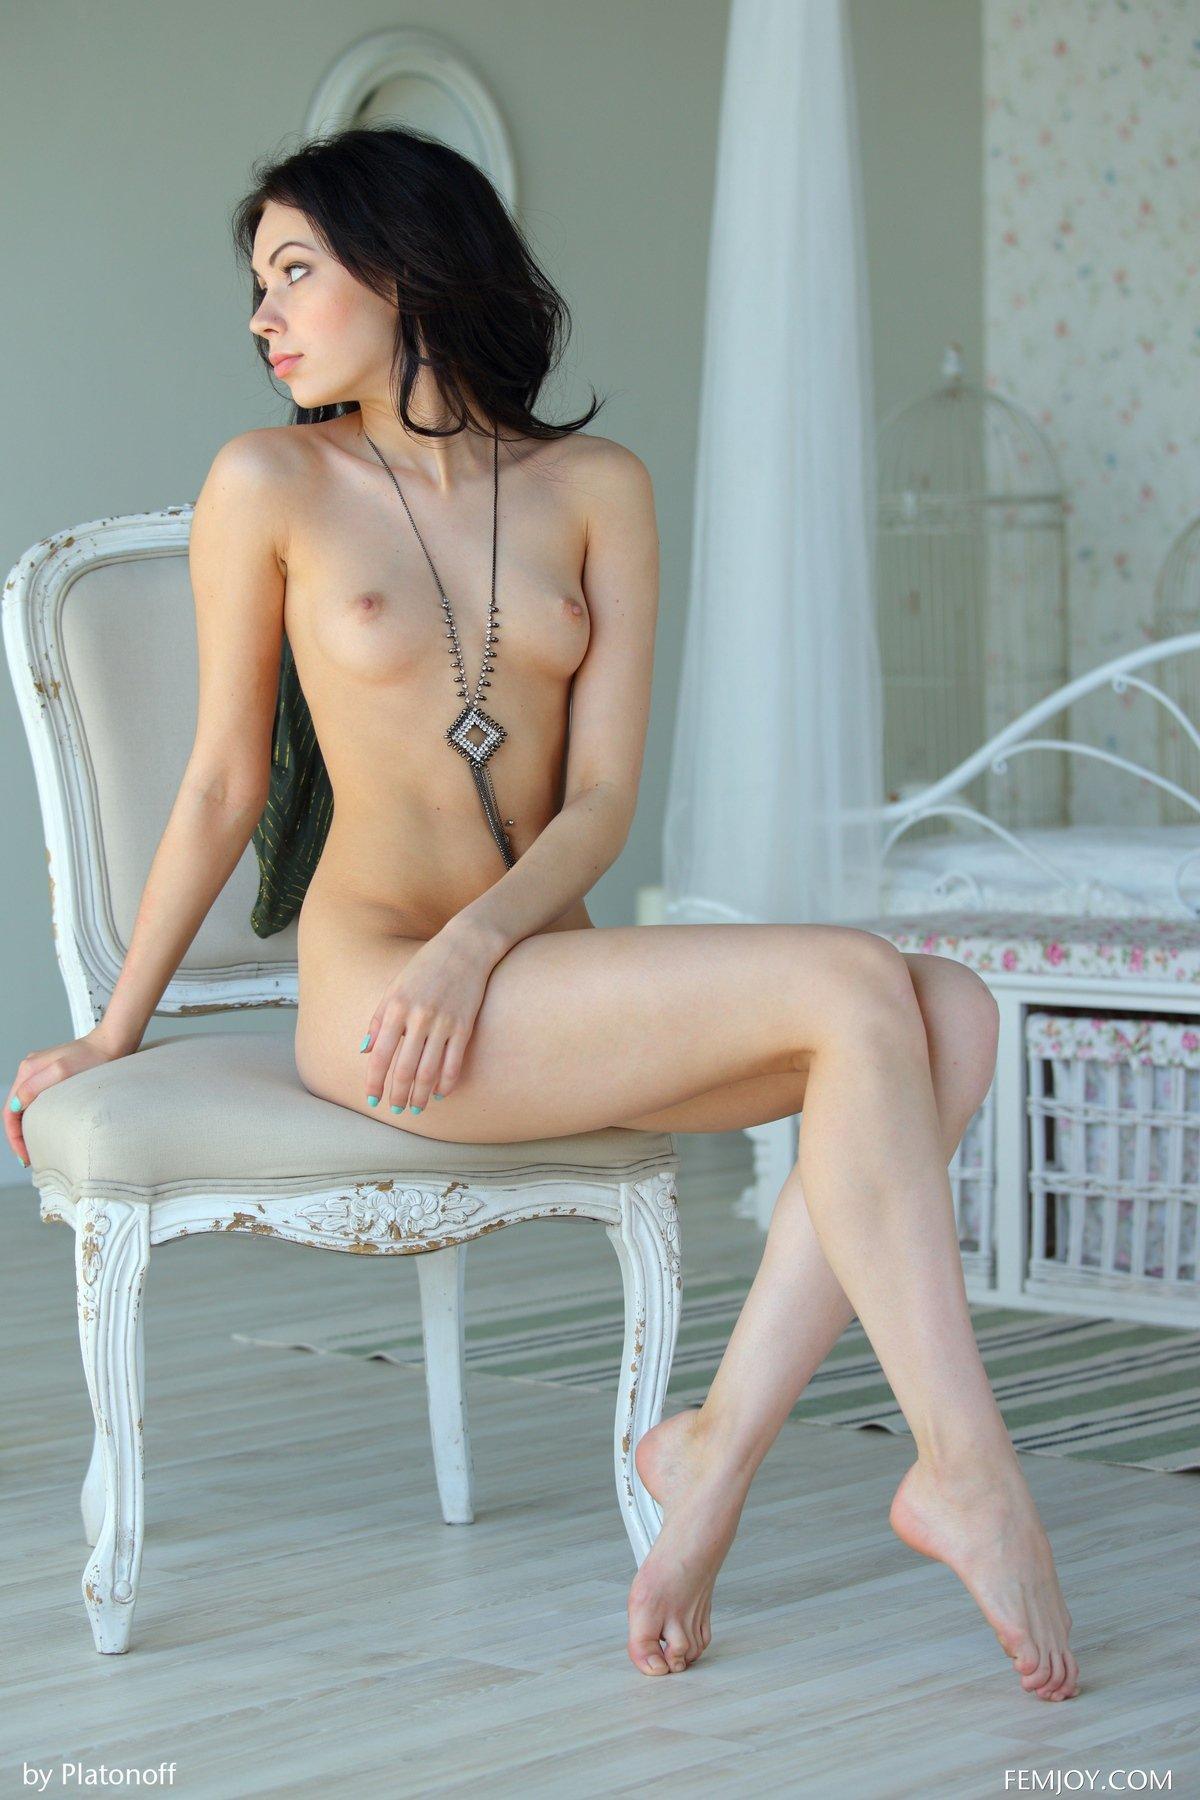 Молодая брюнетка голая на стуле